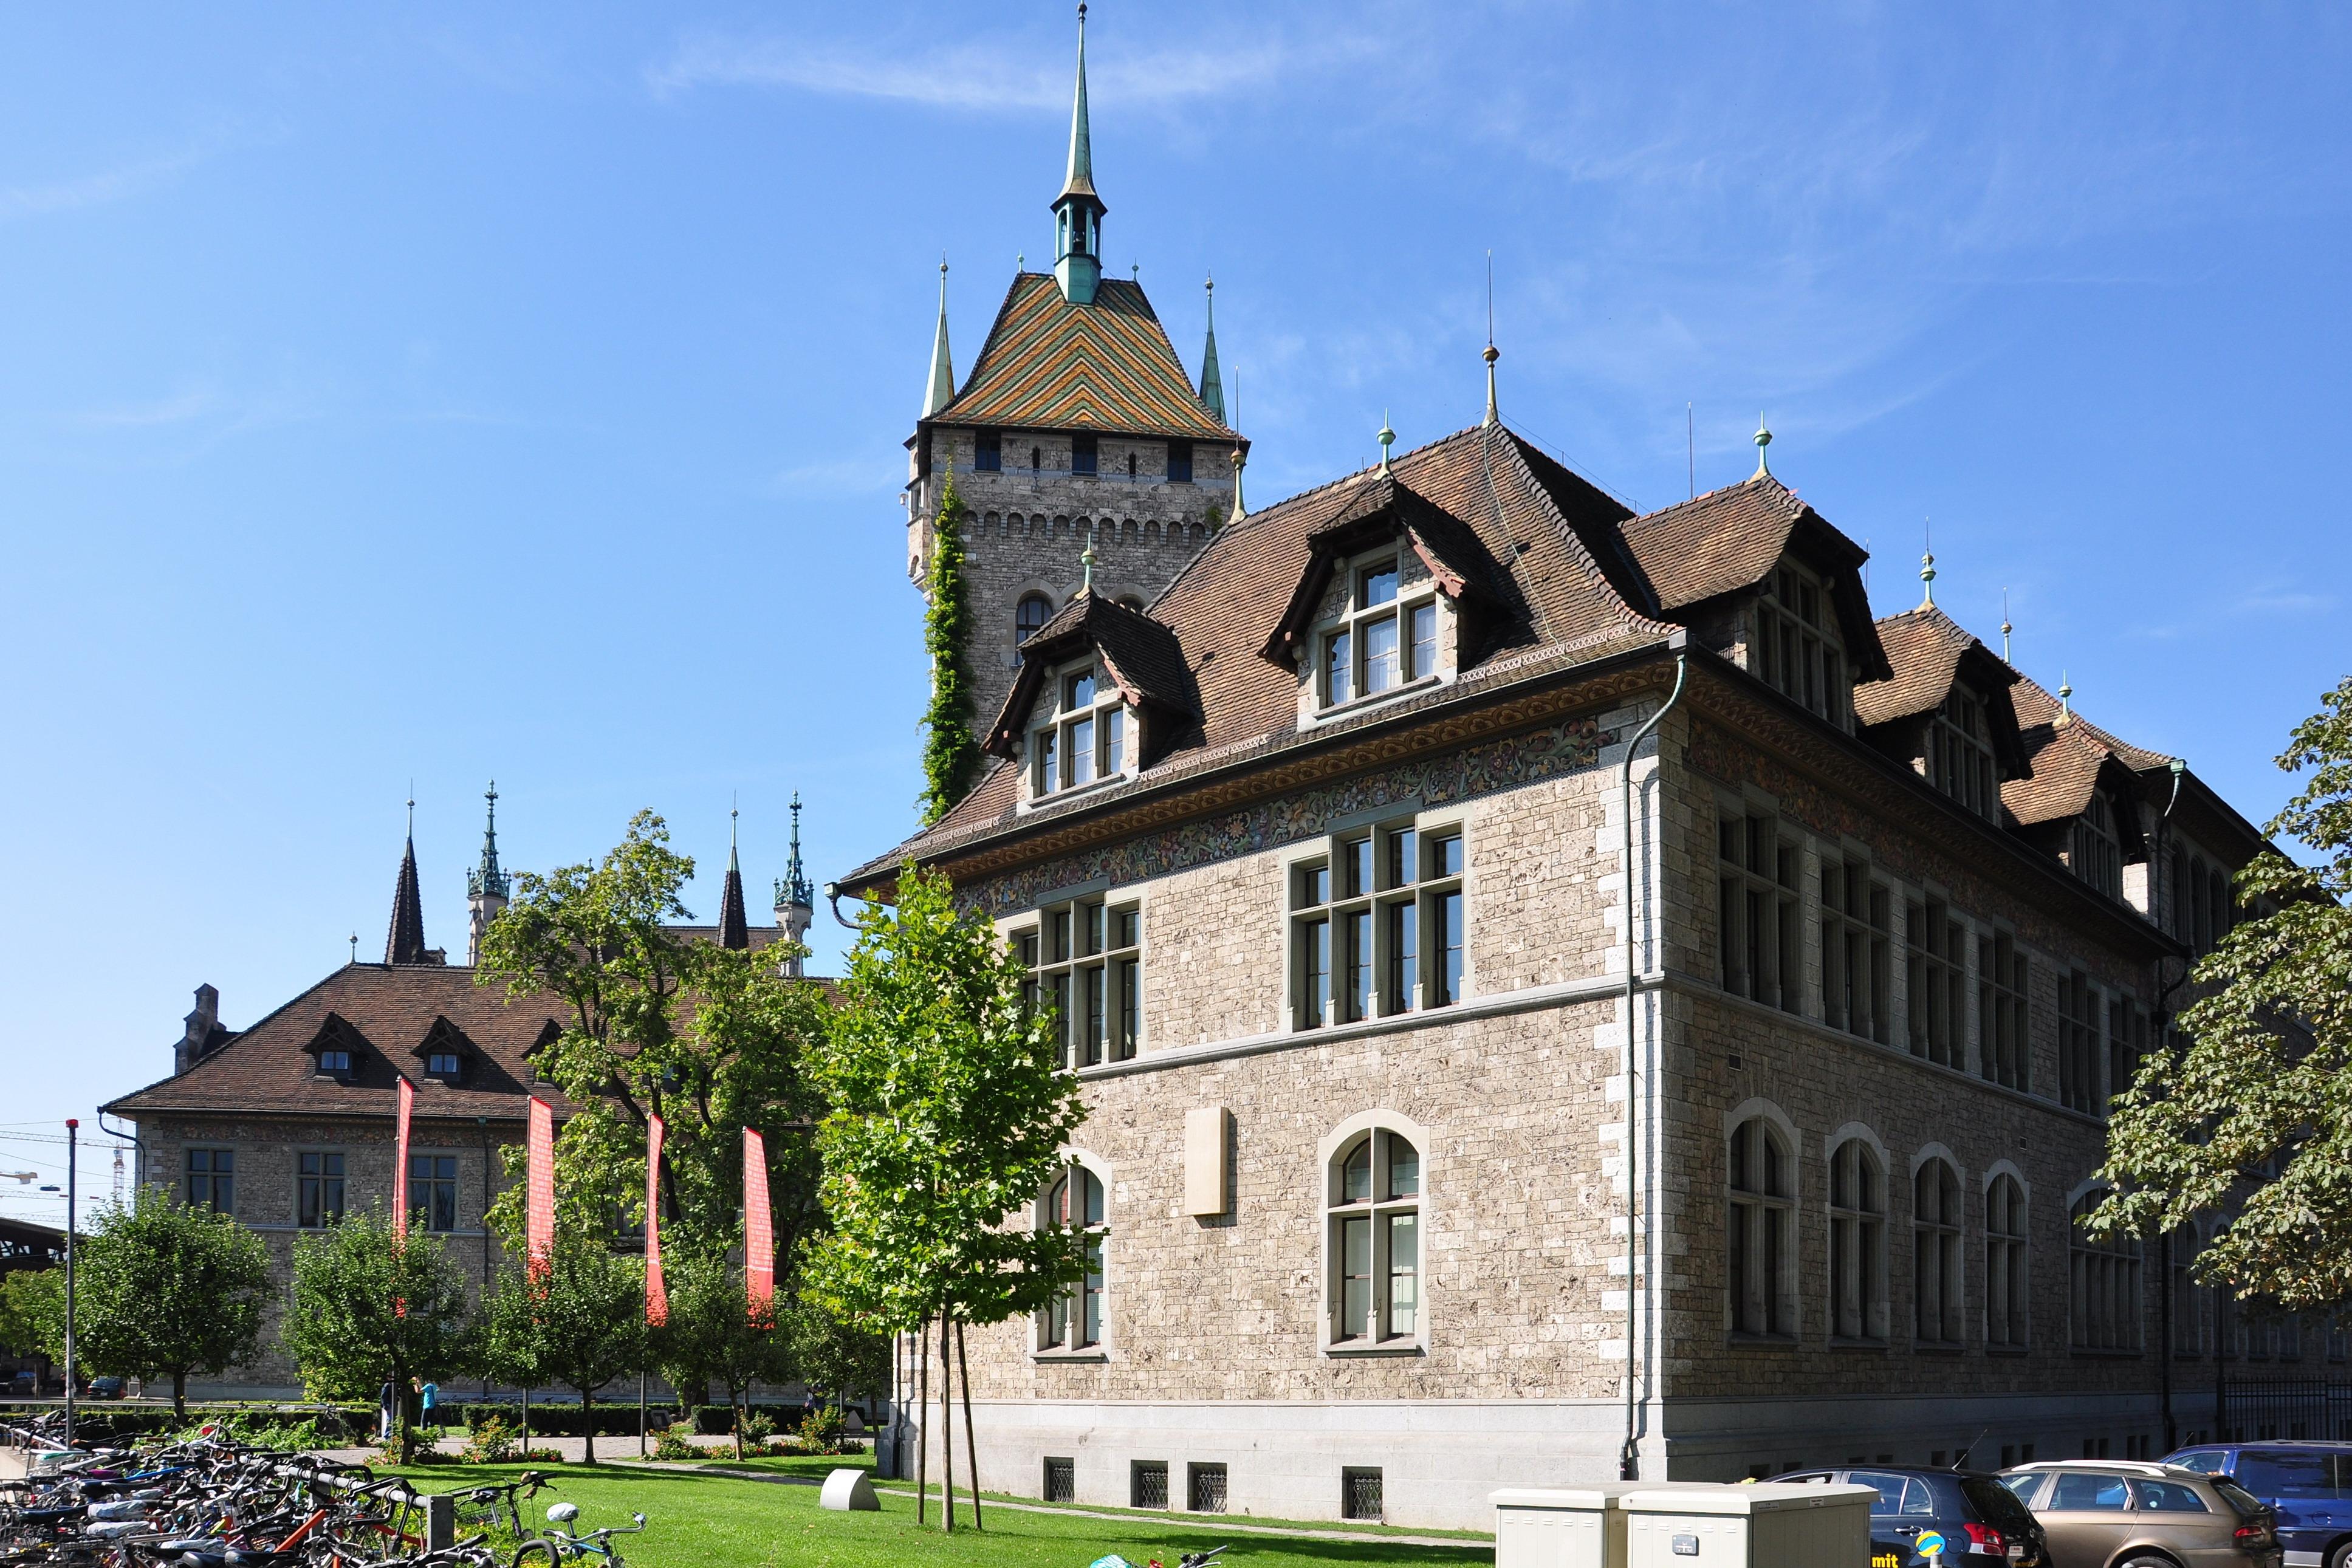 Schweizerisches Nationalmuseum, 2010. Foto met dank aan Wikimedia Commons, Roland zh, gebouw, exterieur